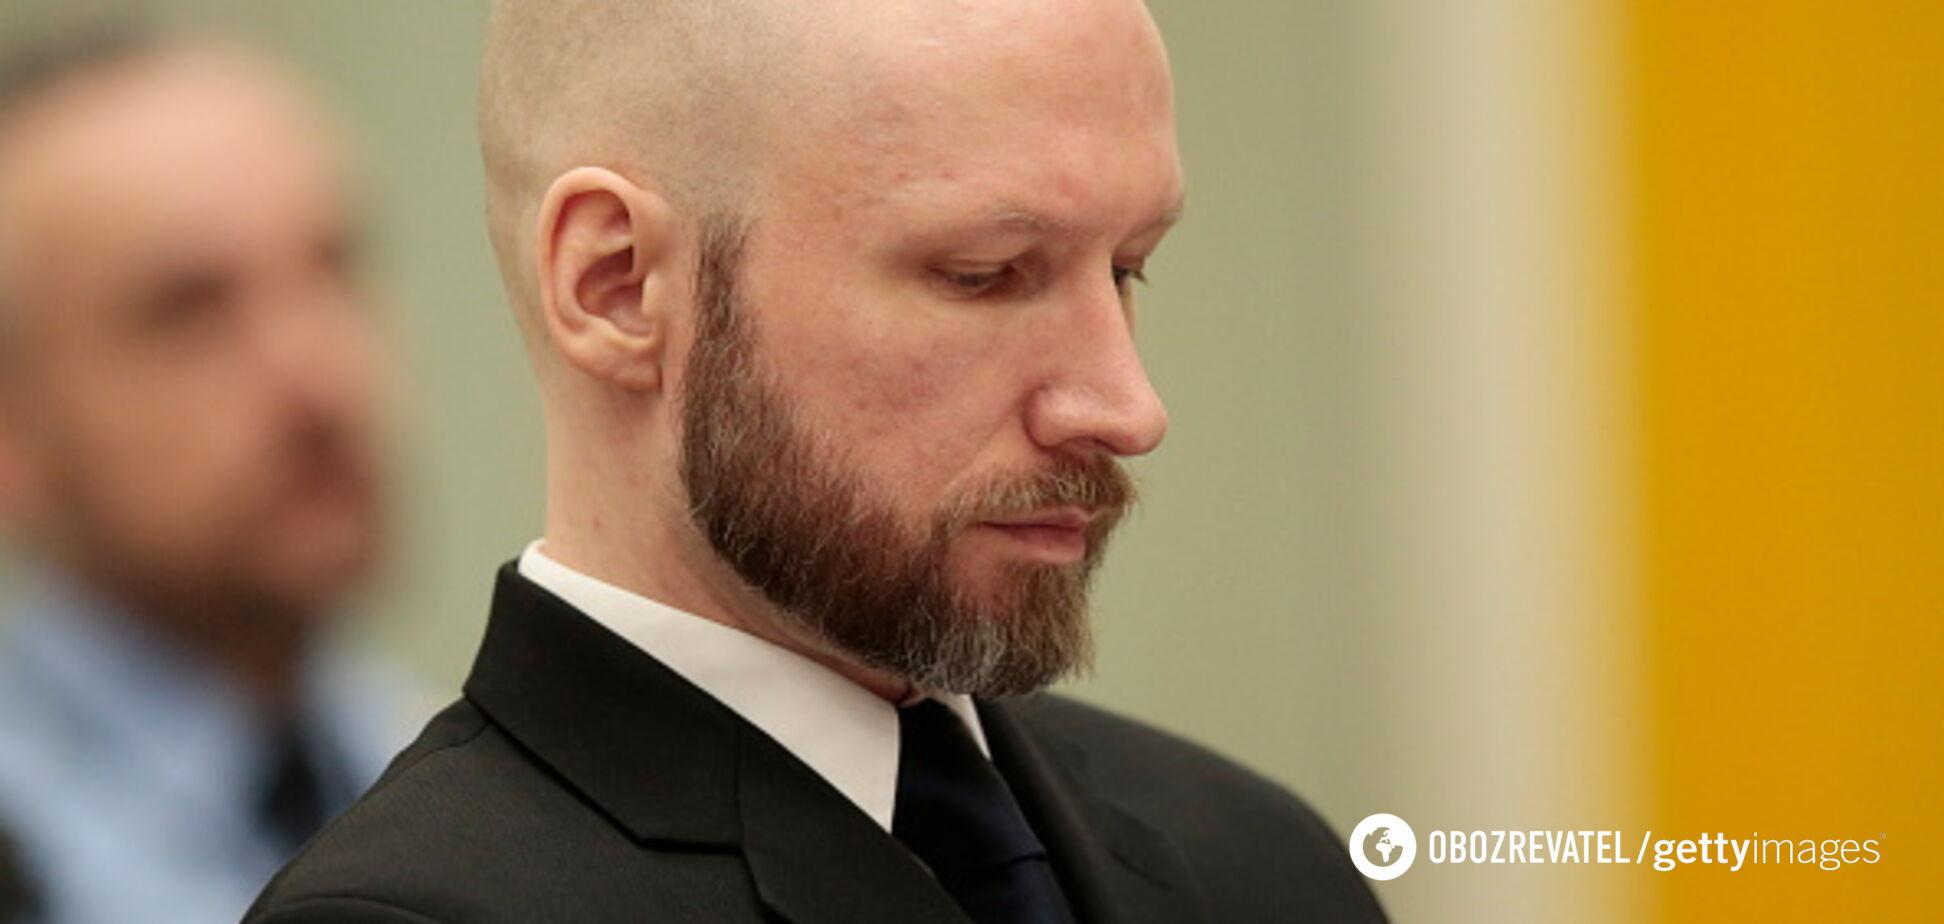 Убившего 77 человек норвежского террориста Брейвика могут выпустить на свободу